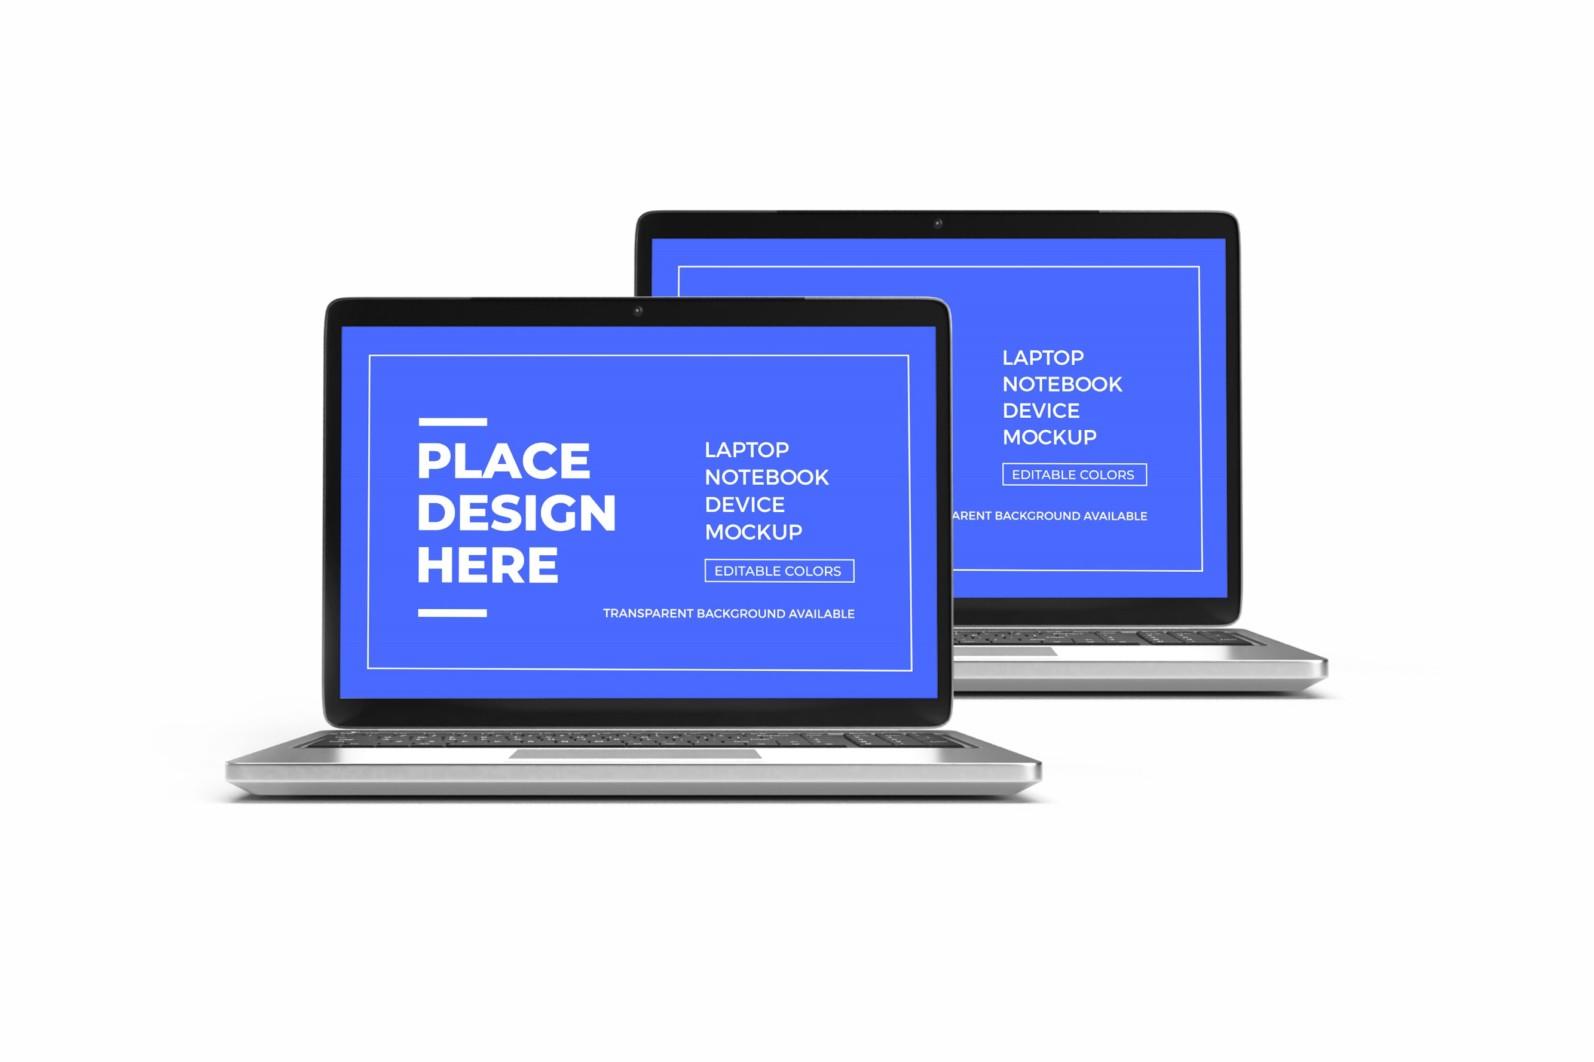 Laptop Notebook Device 3D Mockup Bundle 2 - 01 18 scaled -